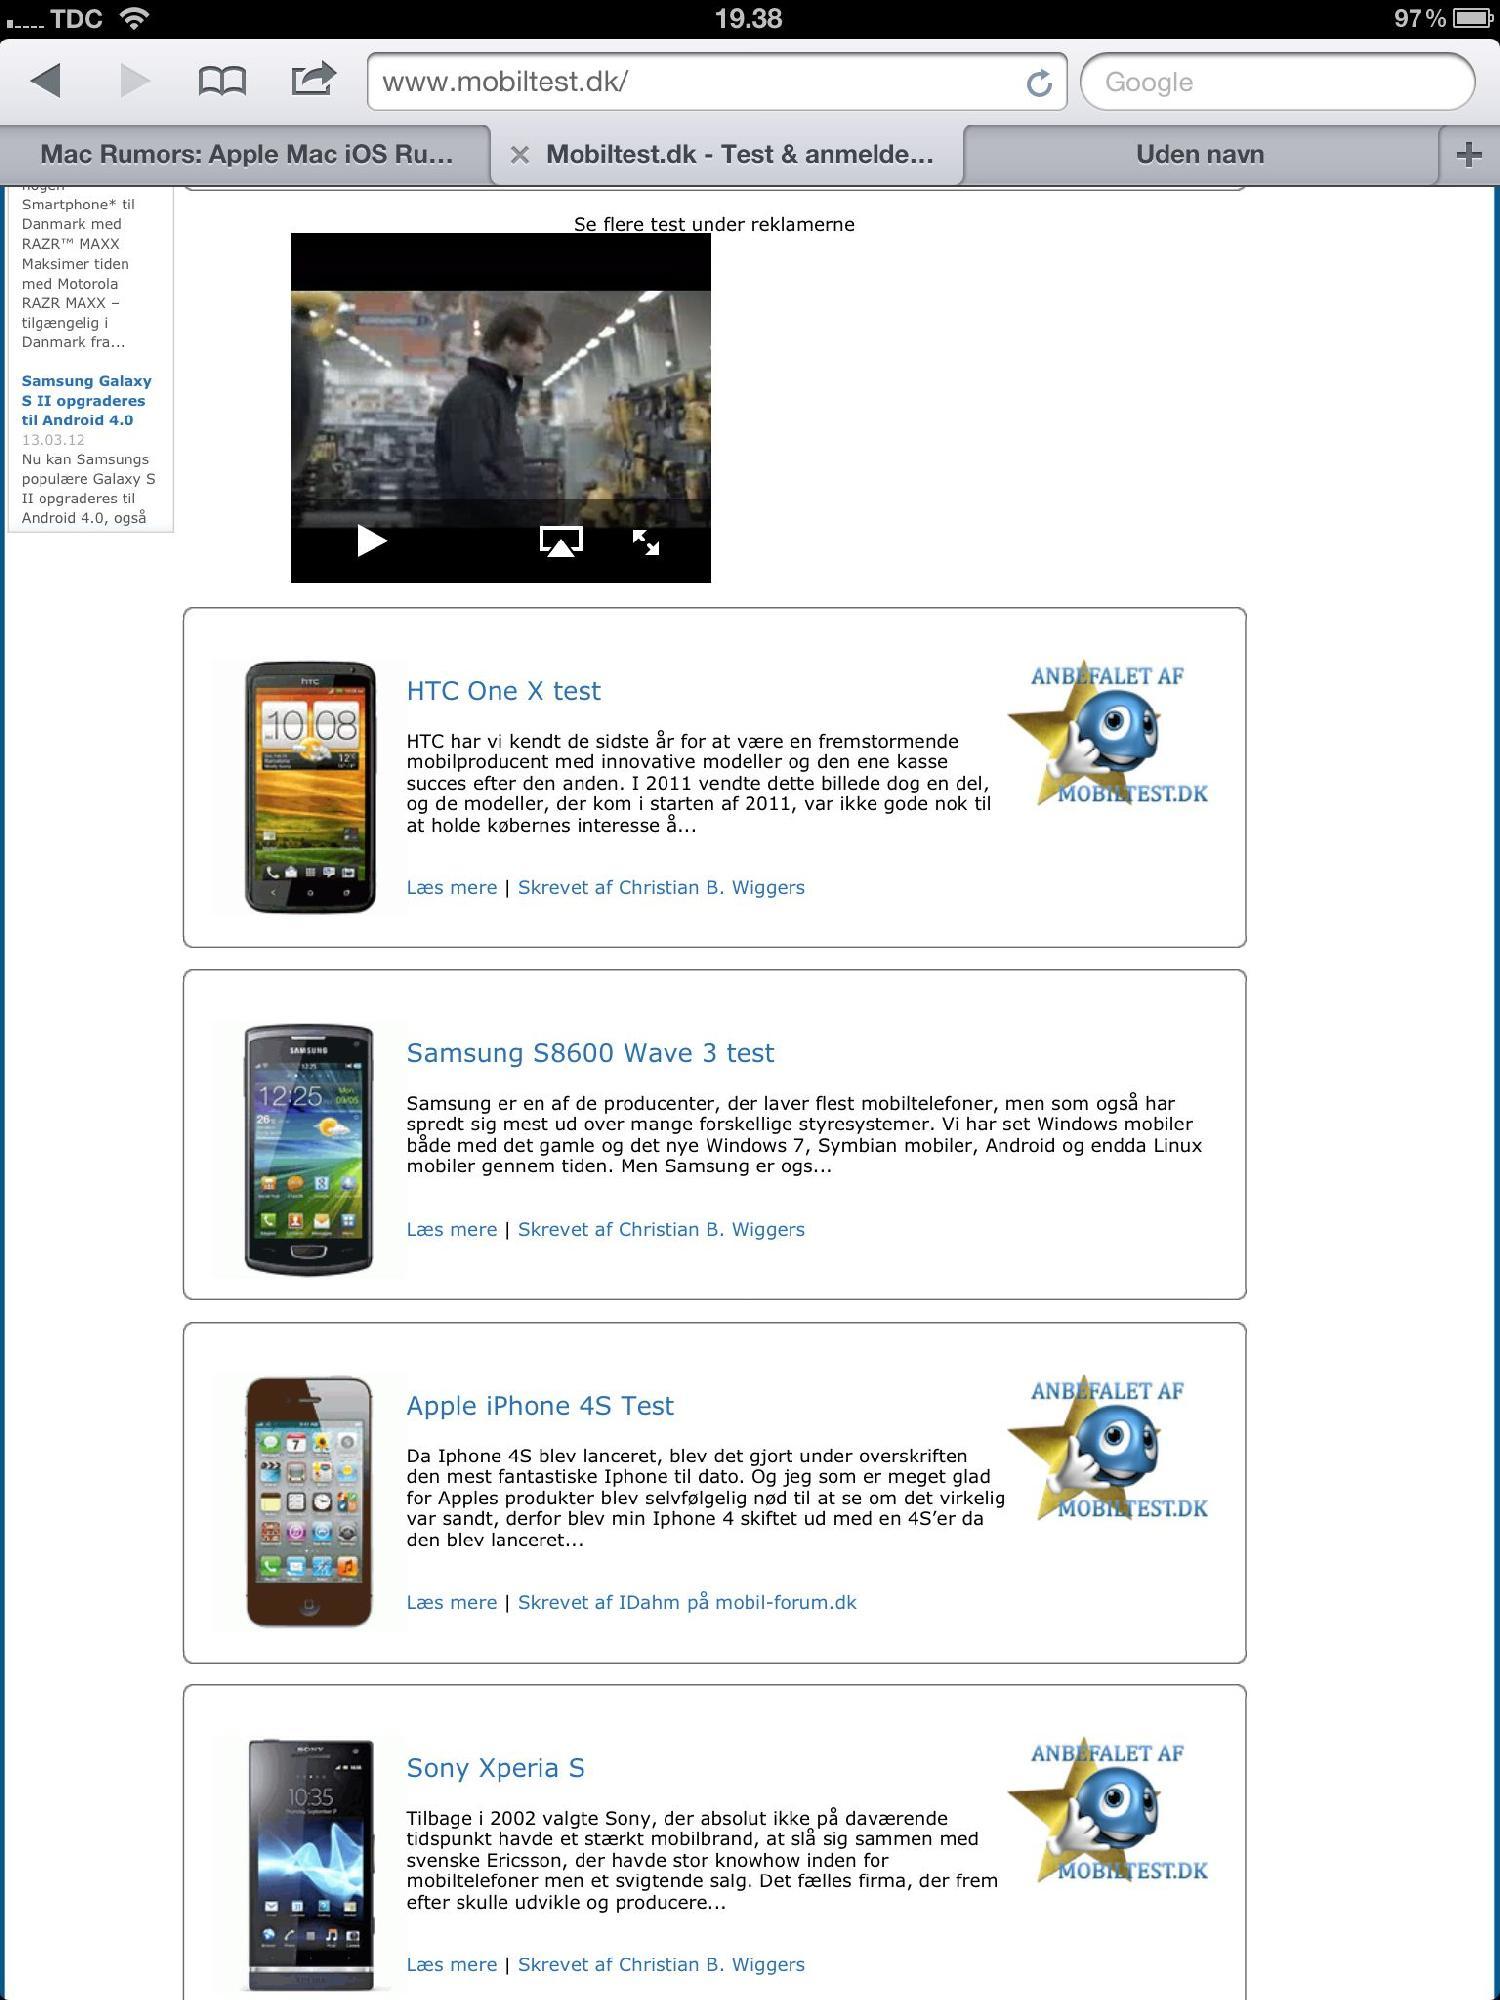 Mobiltest.dk hvor reklamer også kan afspilles